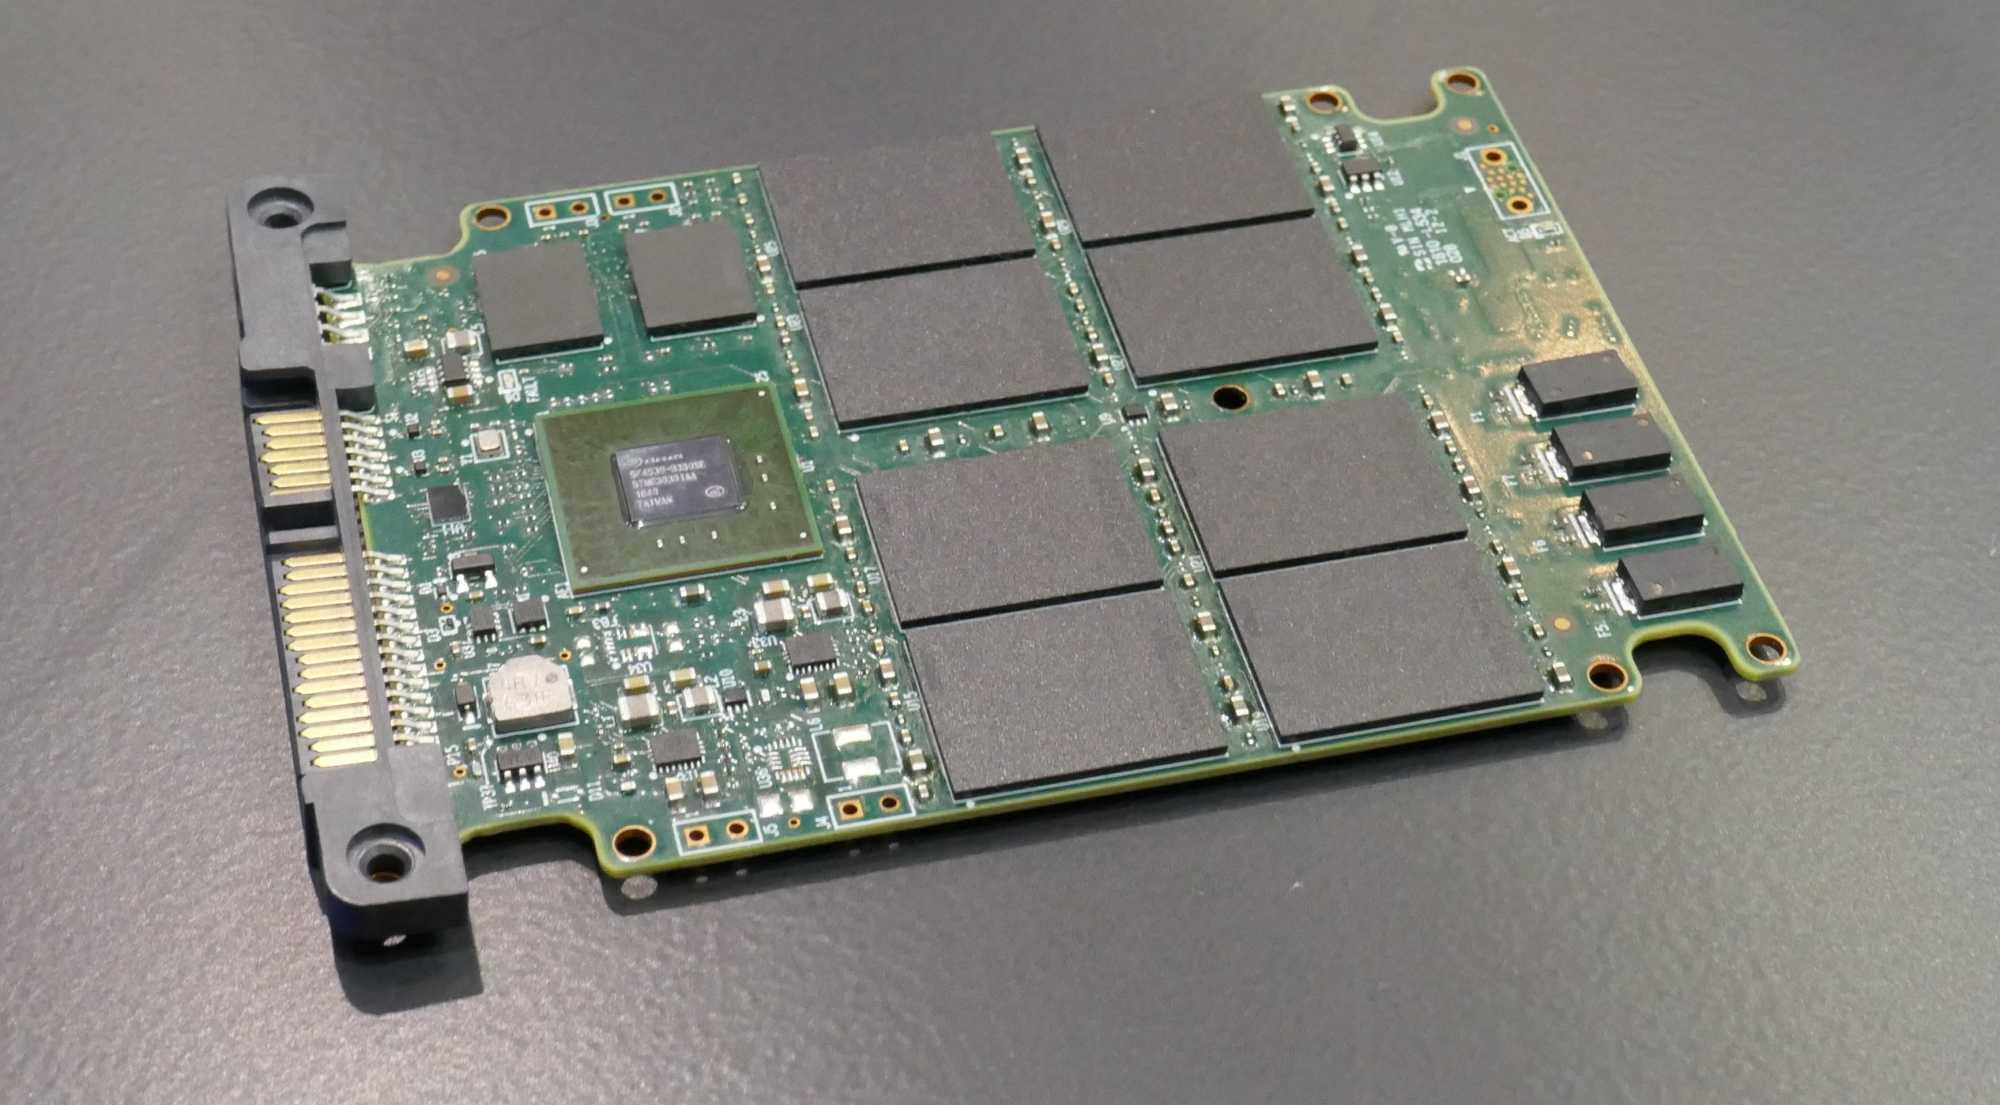 Prototyp einer SATA-SSD mit QLC-Flash.